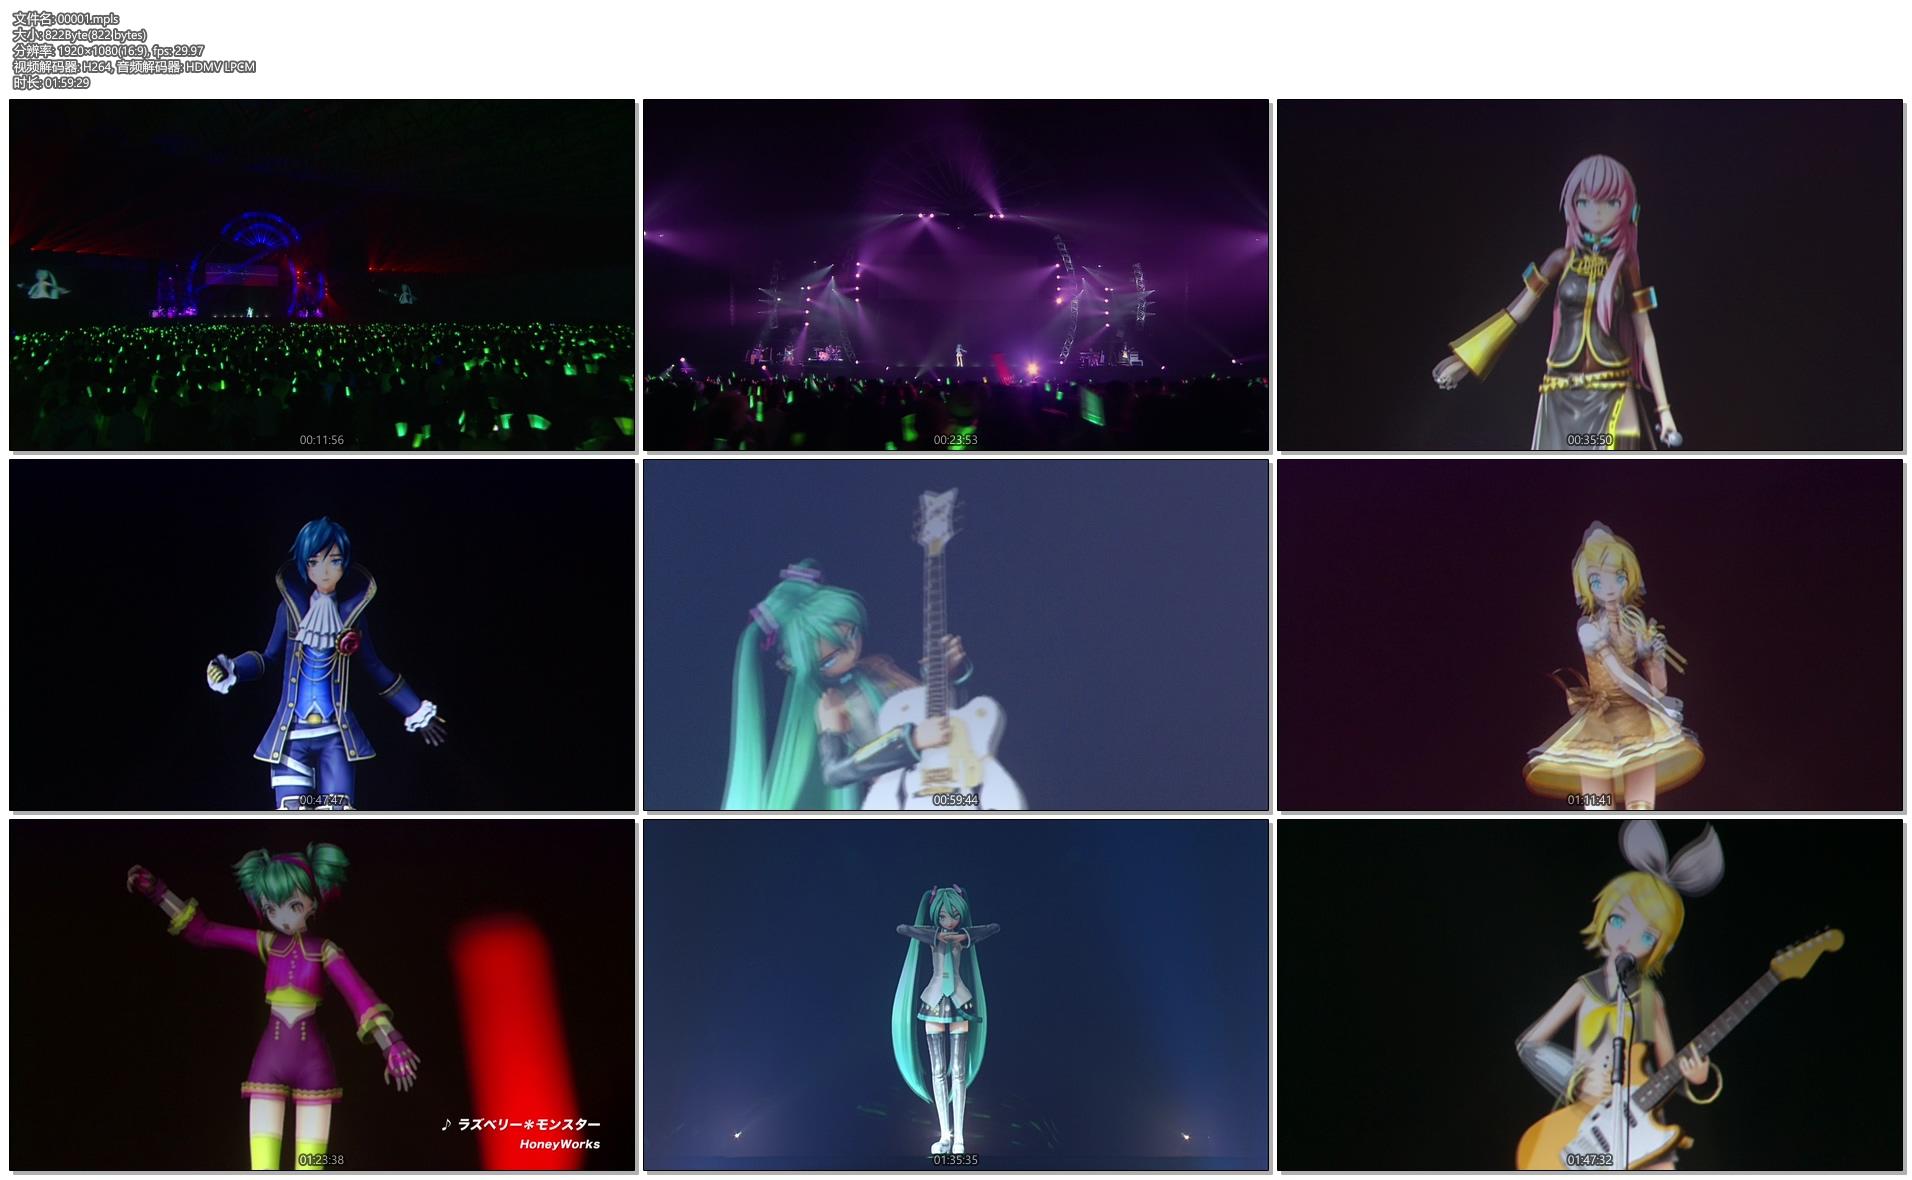 [蓝光原盘] 初音未来 Magical Mirai 2016 魔法未来演唱会《BDMV 双碟 55G》